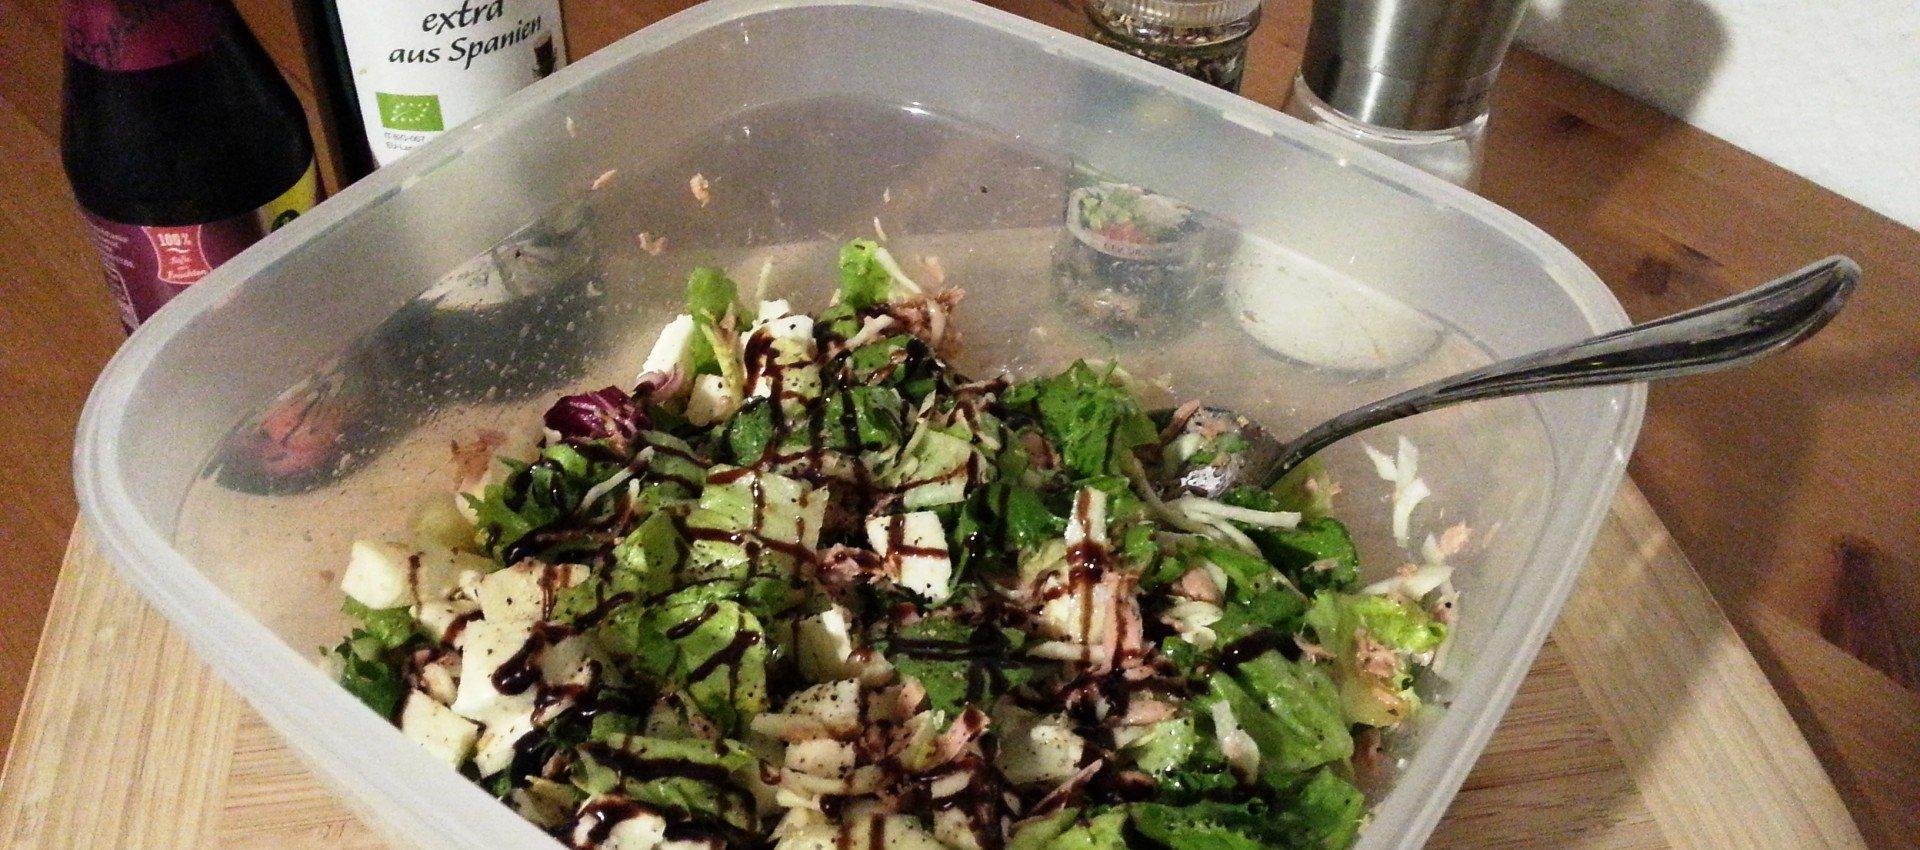 Gemischter Salat mit Thunfisch und Mozzarella